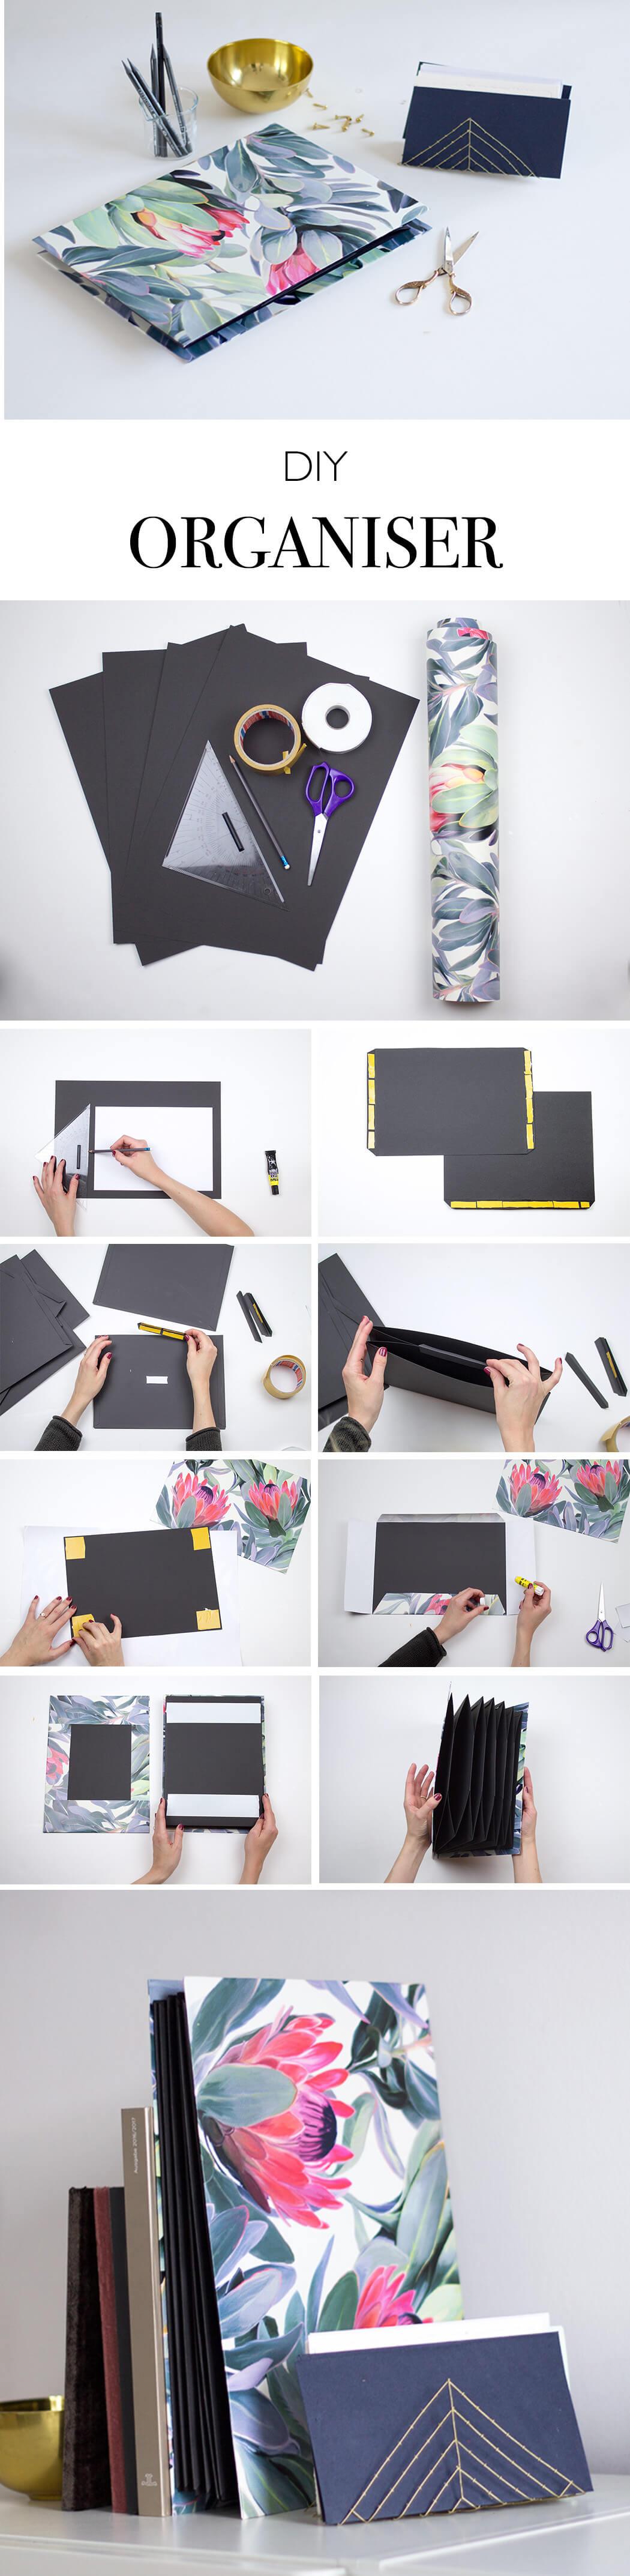 diy organiser papier organisationsmappe basteln. Black Bedroom Furniture Sets. Home Design Ideas